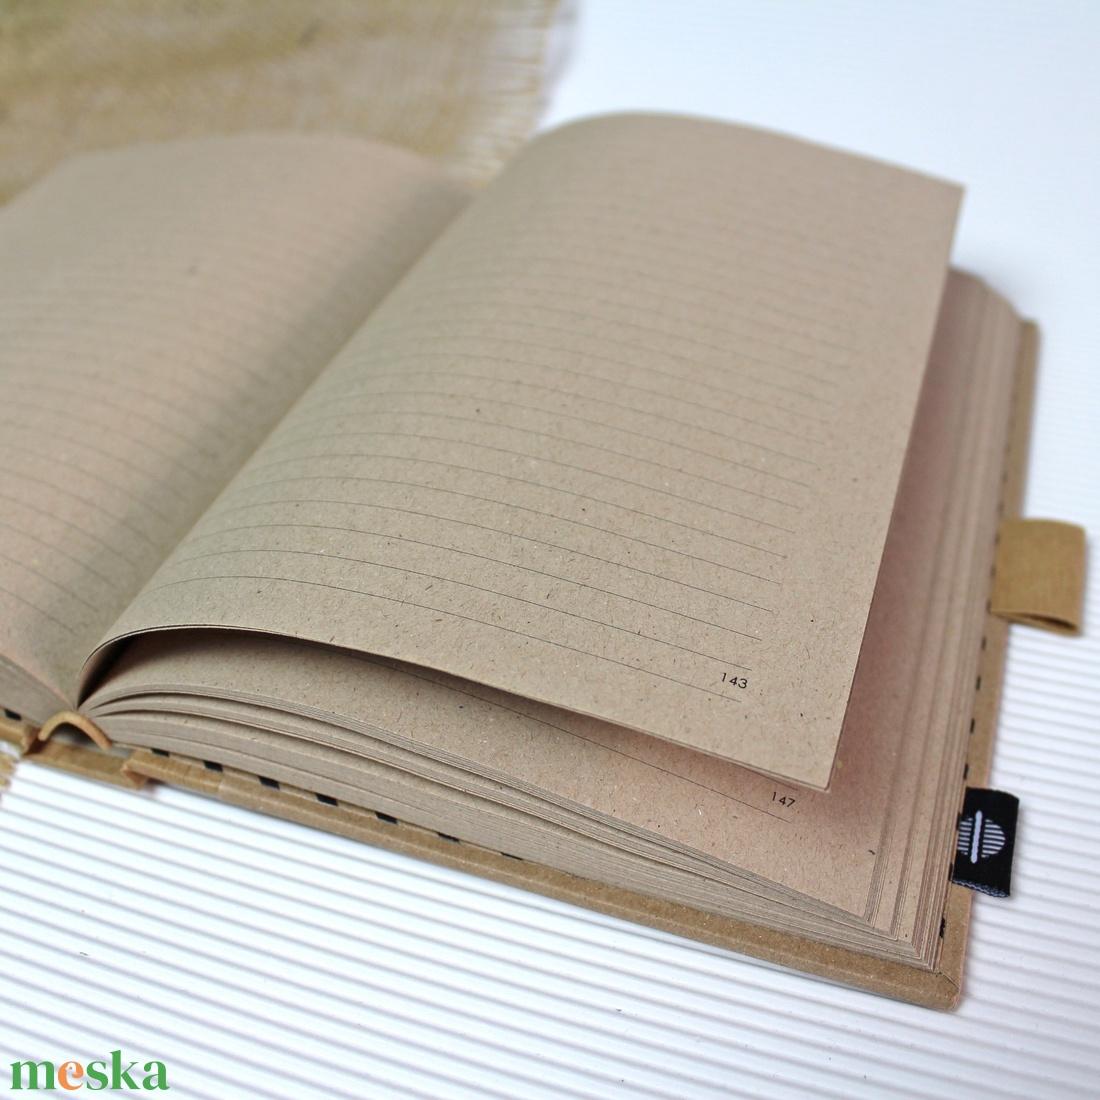 ECO natúr - feliratos vonalas notesz - otthon & lakás - papír írószer - jegyzetfüzet & napló - Meska.hu